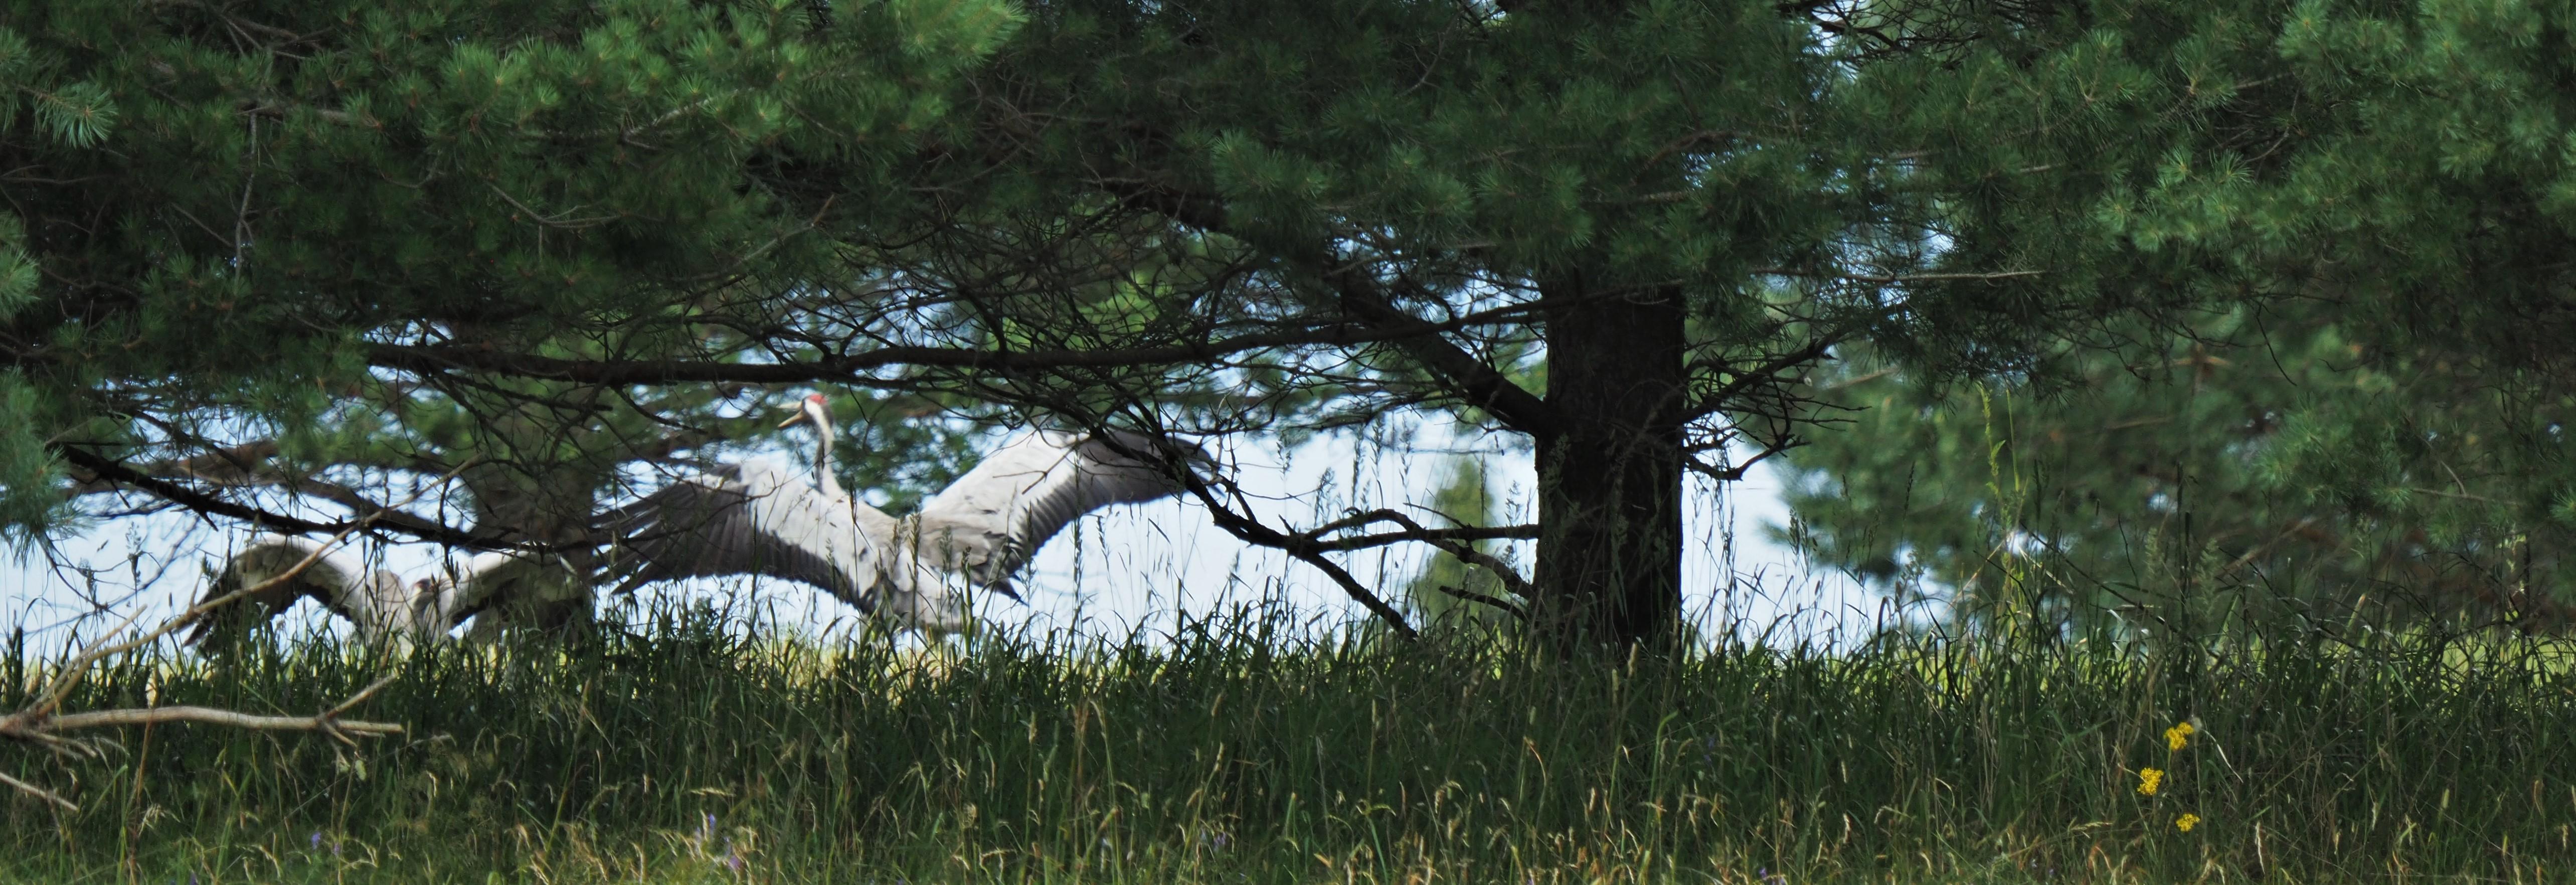 Common Crane 3